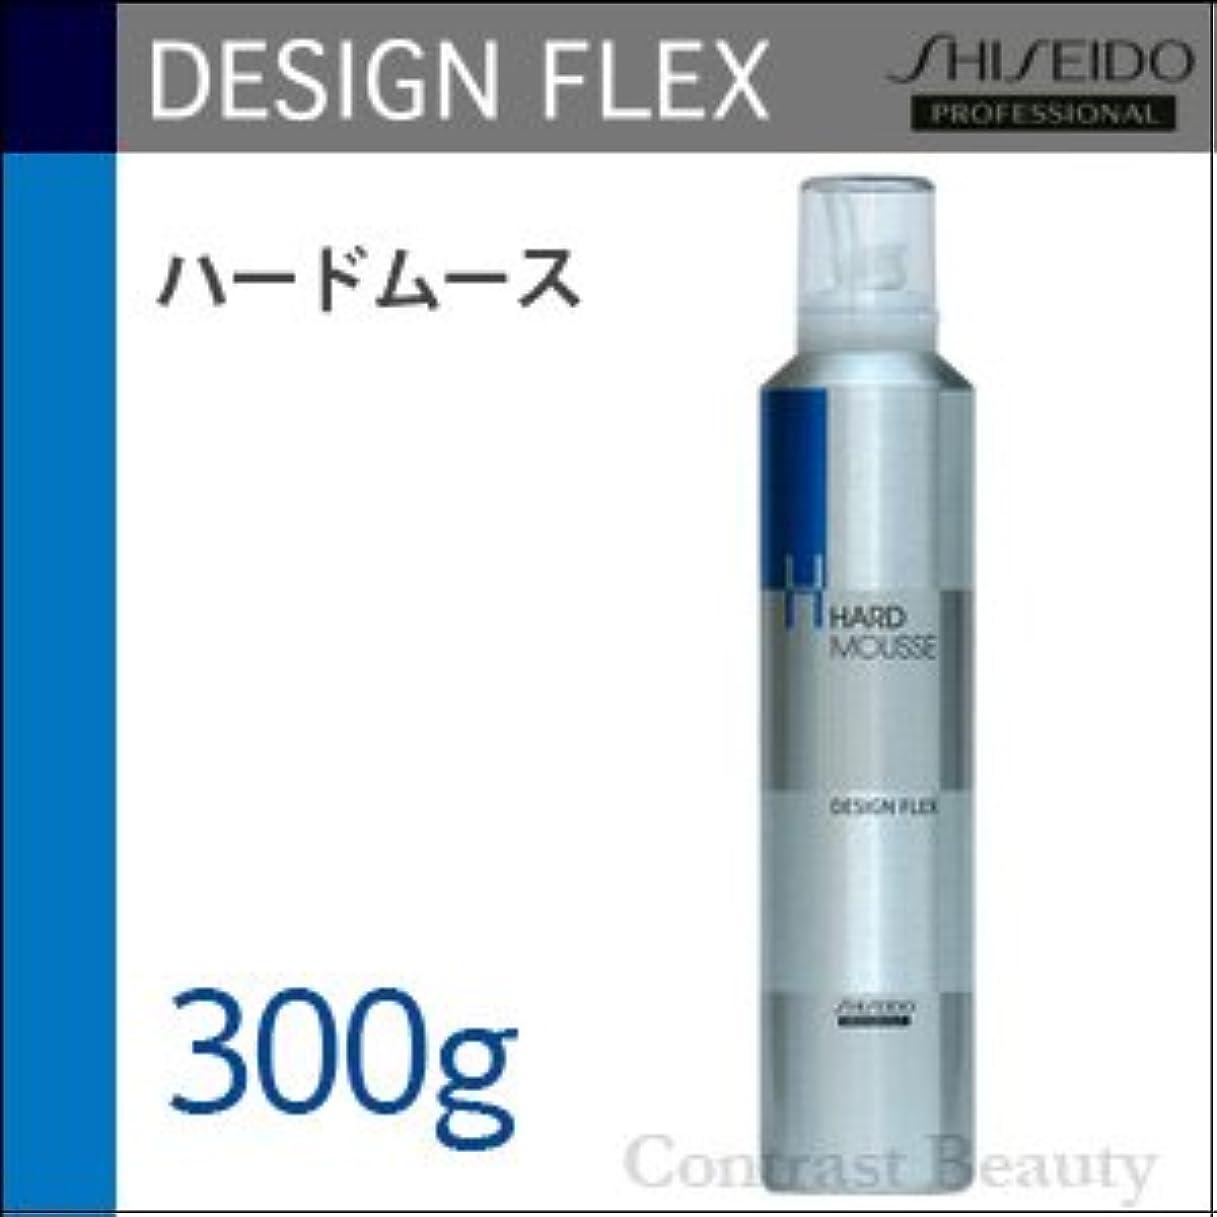 アイザックヤング国家【x2個セット】 資生堂 デザインフレックス ハードムース 300g